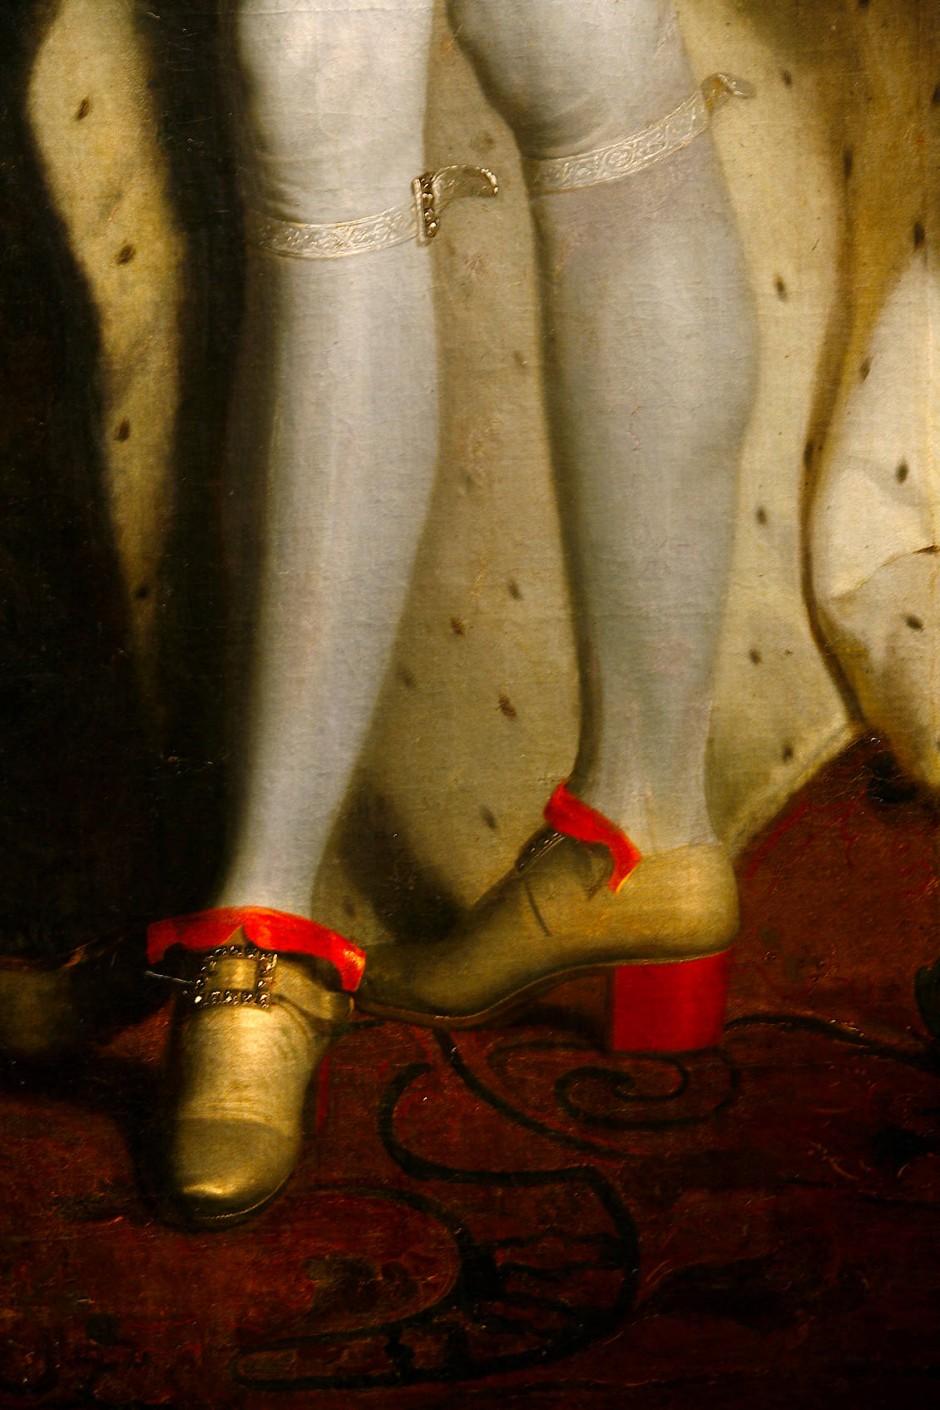 Die Farbe: Louis XIV. gestattete im 17.Jahrhundert ausschließlich Angehörigen seines Hofes rote Absätze.